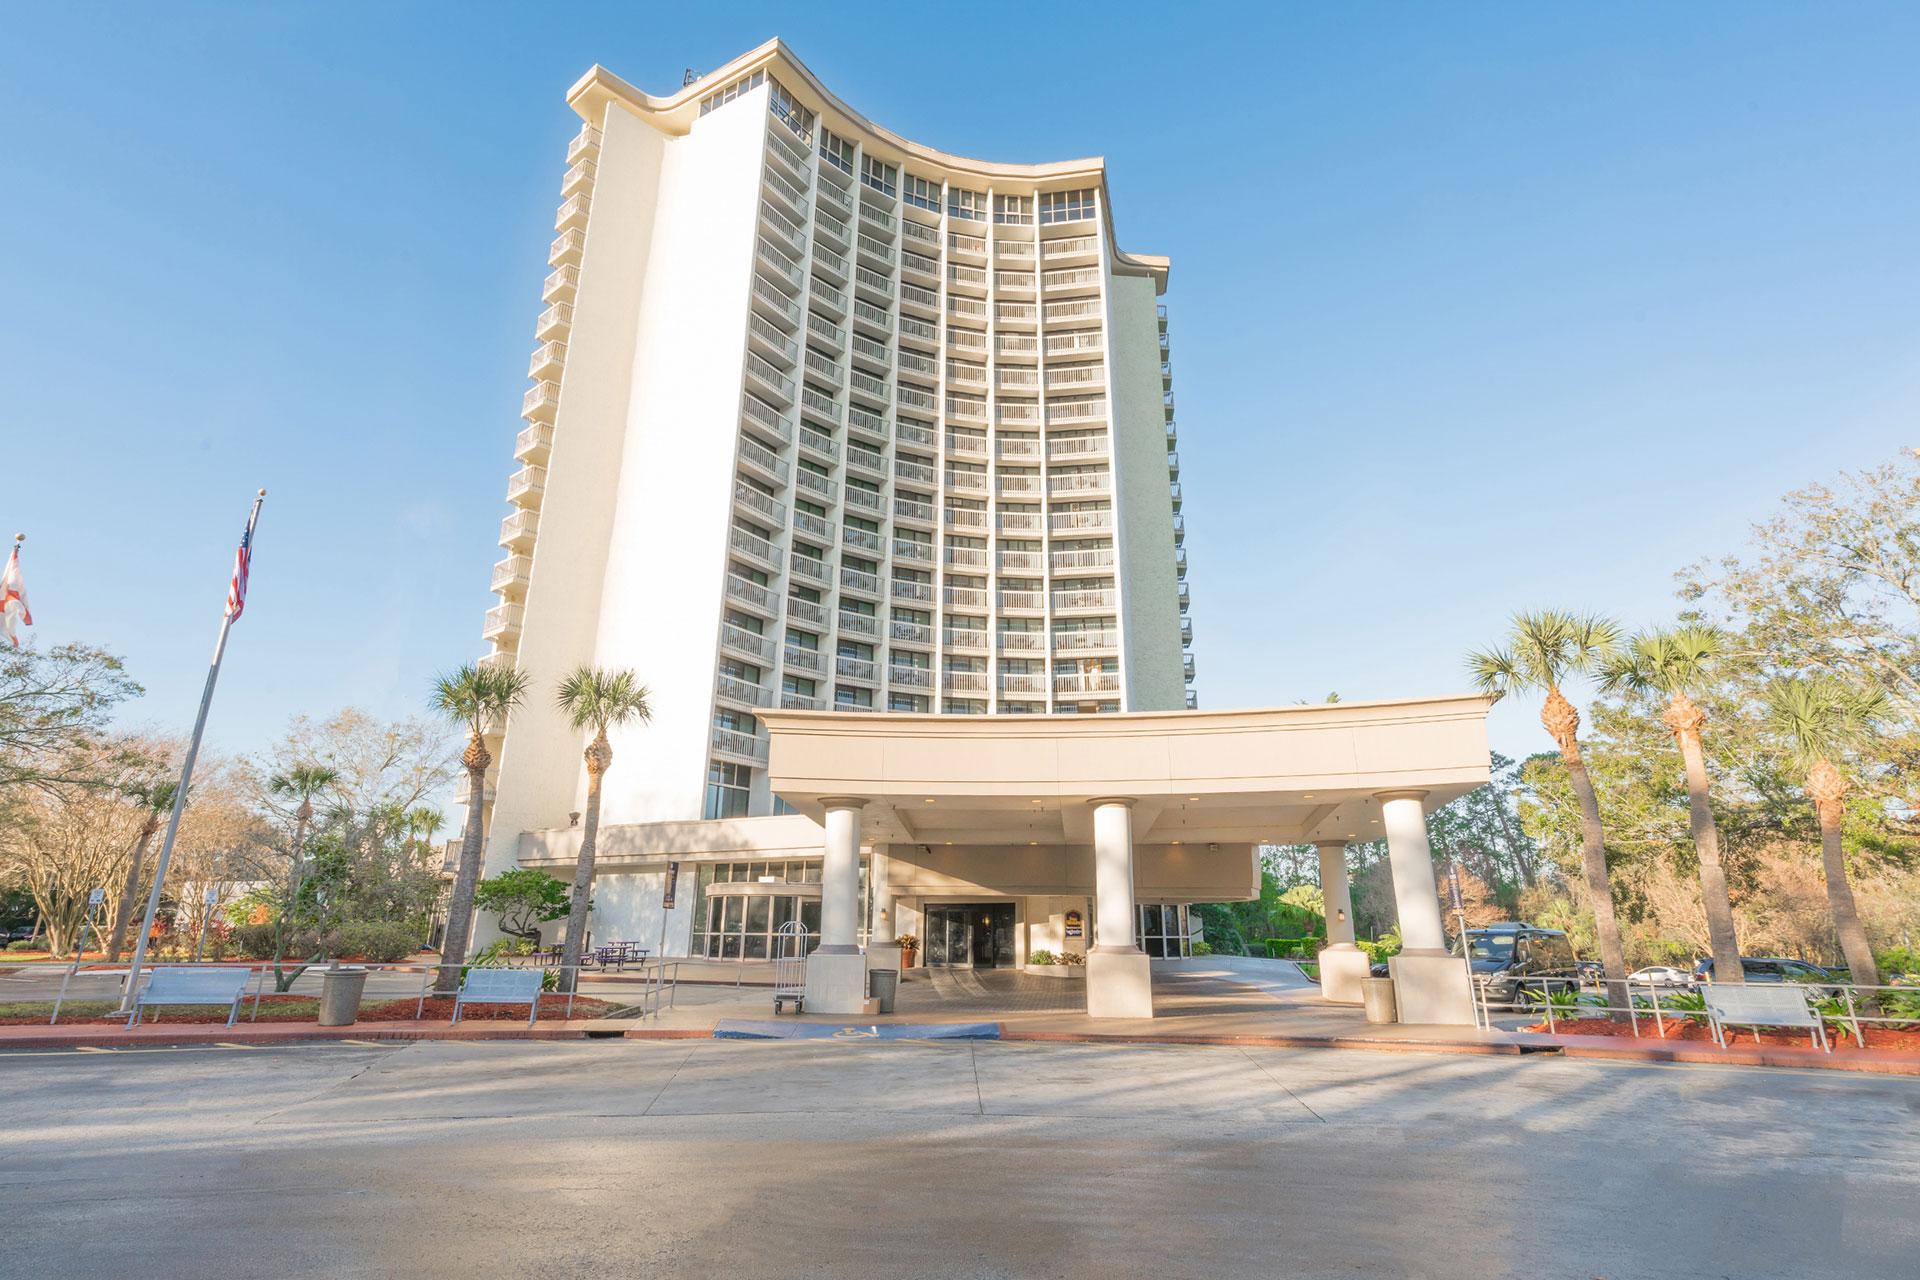 BEST WESTERN Lake Buena Vista Resort Hotel; Courtesy of BEST WESTERN Lake Buena Vista Resort Hotel